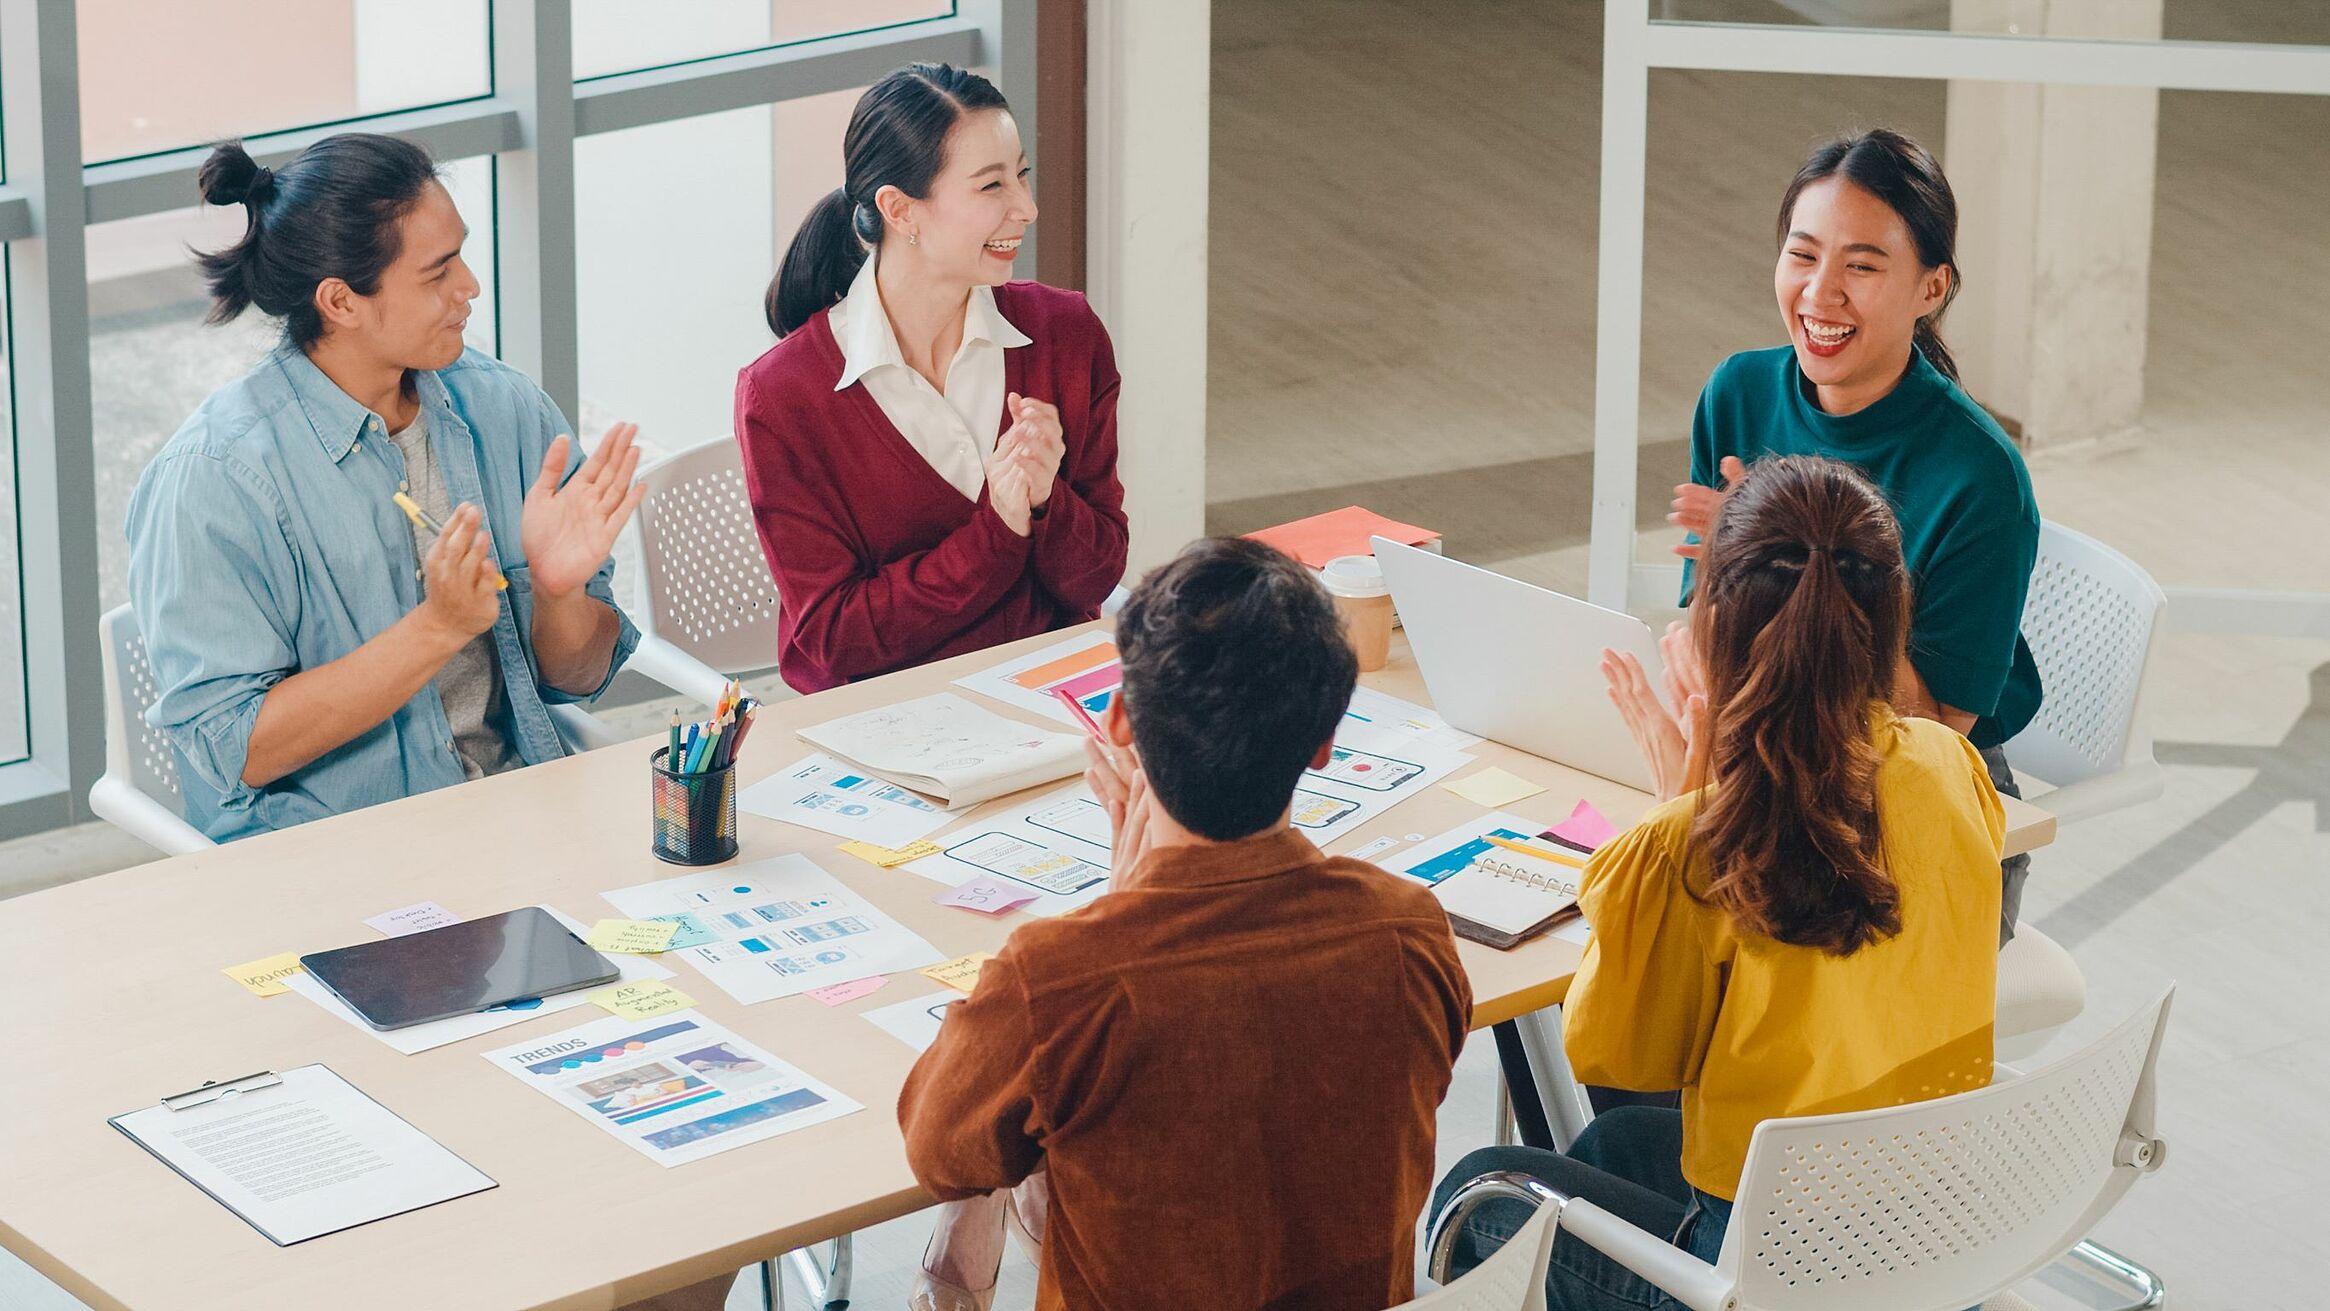 Làm việc nhóm gần như trở thành kỹ năng sống còn của người lao động trong tương lai. Nguồn: Shutterstock